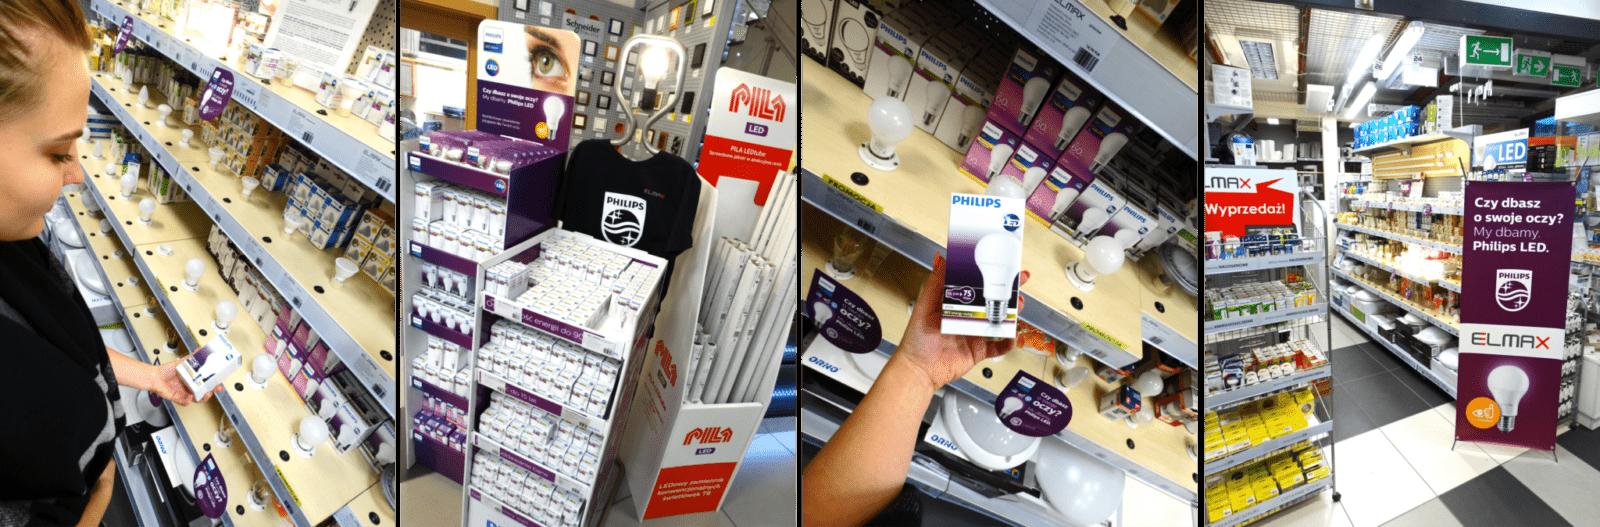 Philips LED w naszej hurtowni i sklepie elektrycznym to różnego rodzaju źródła światła. Każde można u nas przetestować i porównać.